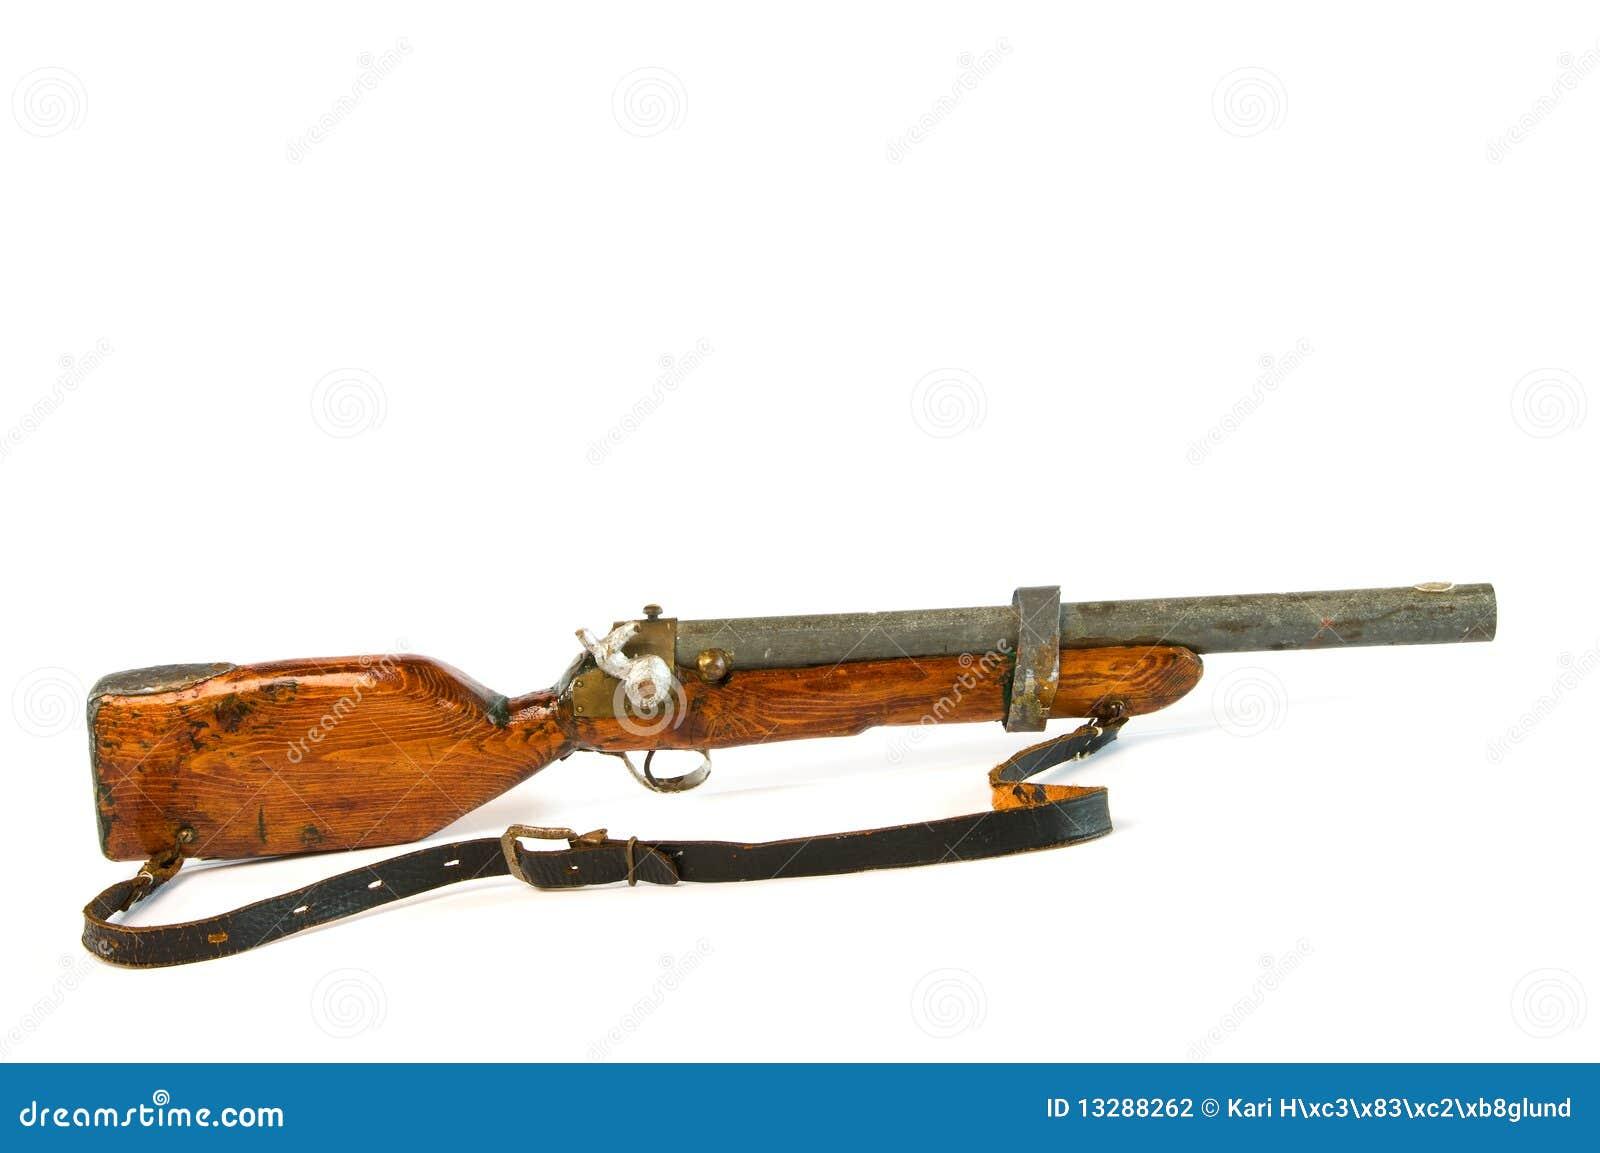 Spielzeug gewehr stockfoto bild von abschluß exemplar